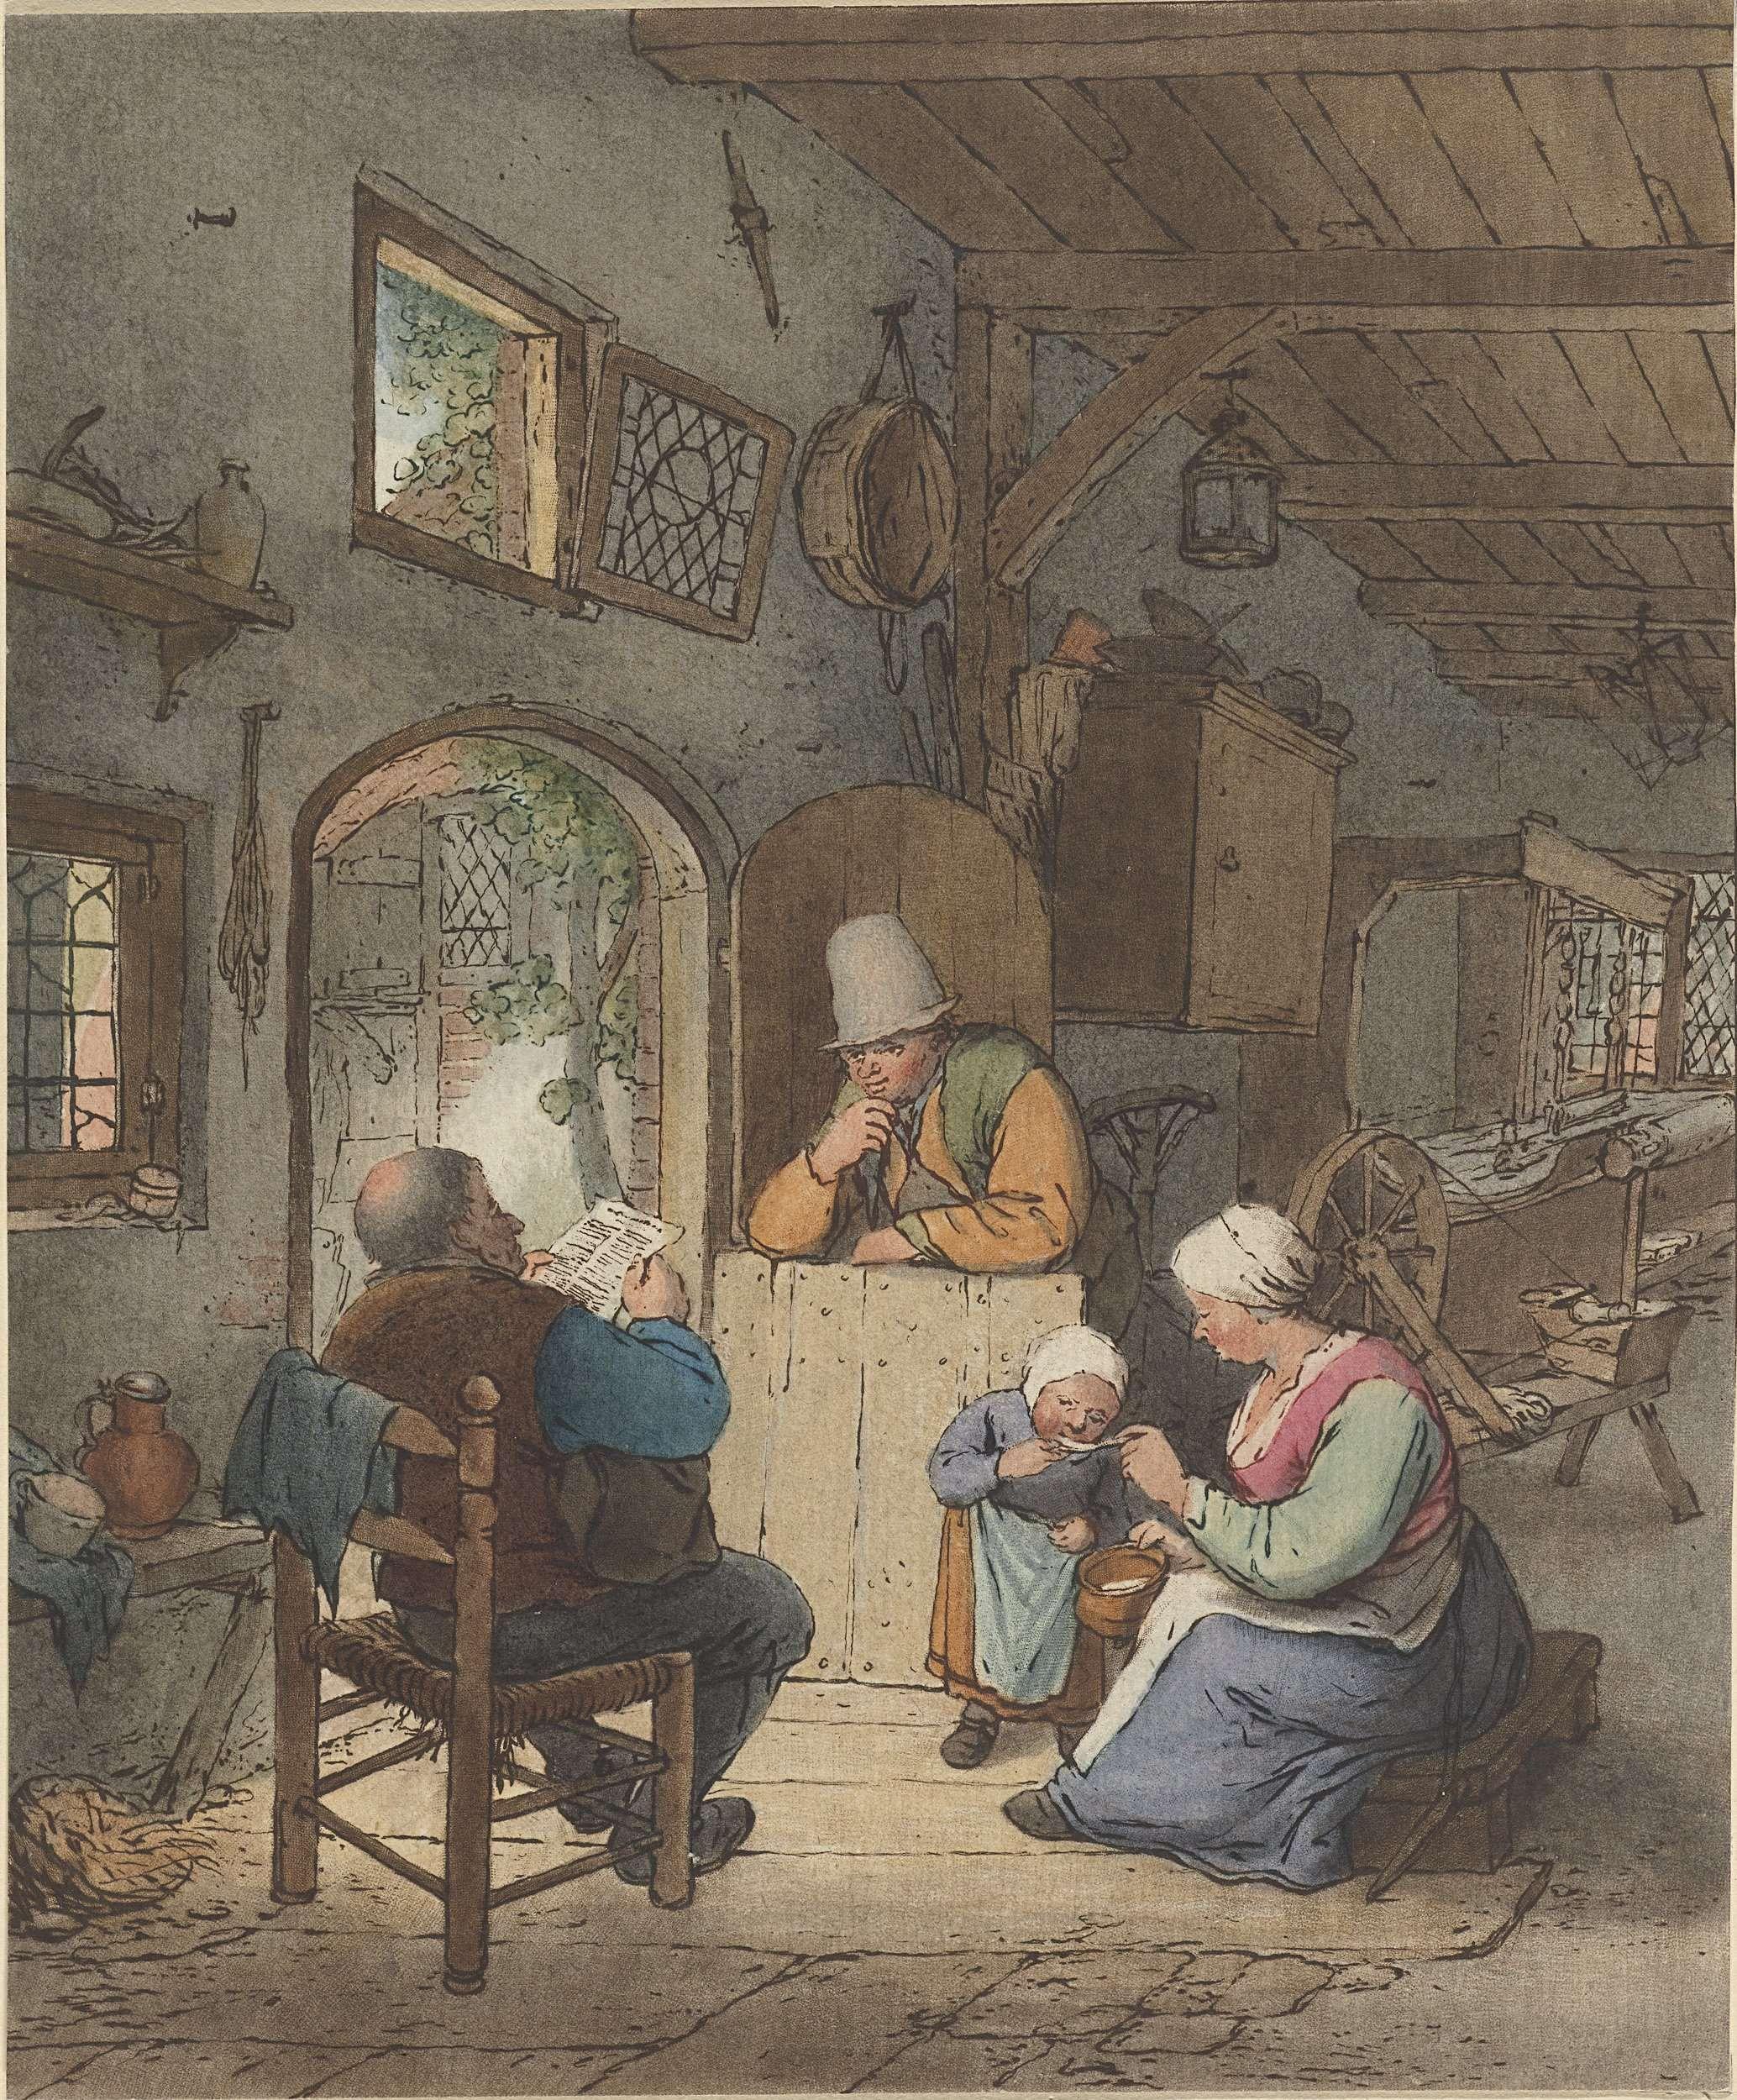 Cornelis Ploos van Amstel | Krantlezer in interieur, Cornelis Ploos van Amstel, Adriaen van Ostade, 1766 | In een interieur leest een man de krant en geeft een vrouw een kind te eten. Op de geopende onderdeur leunt een man.